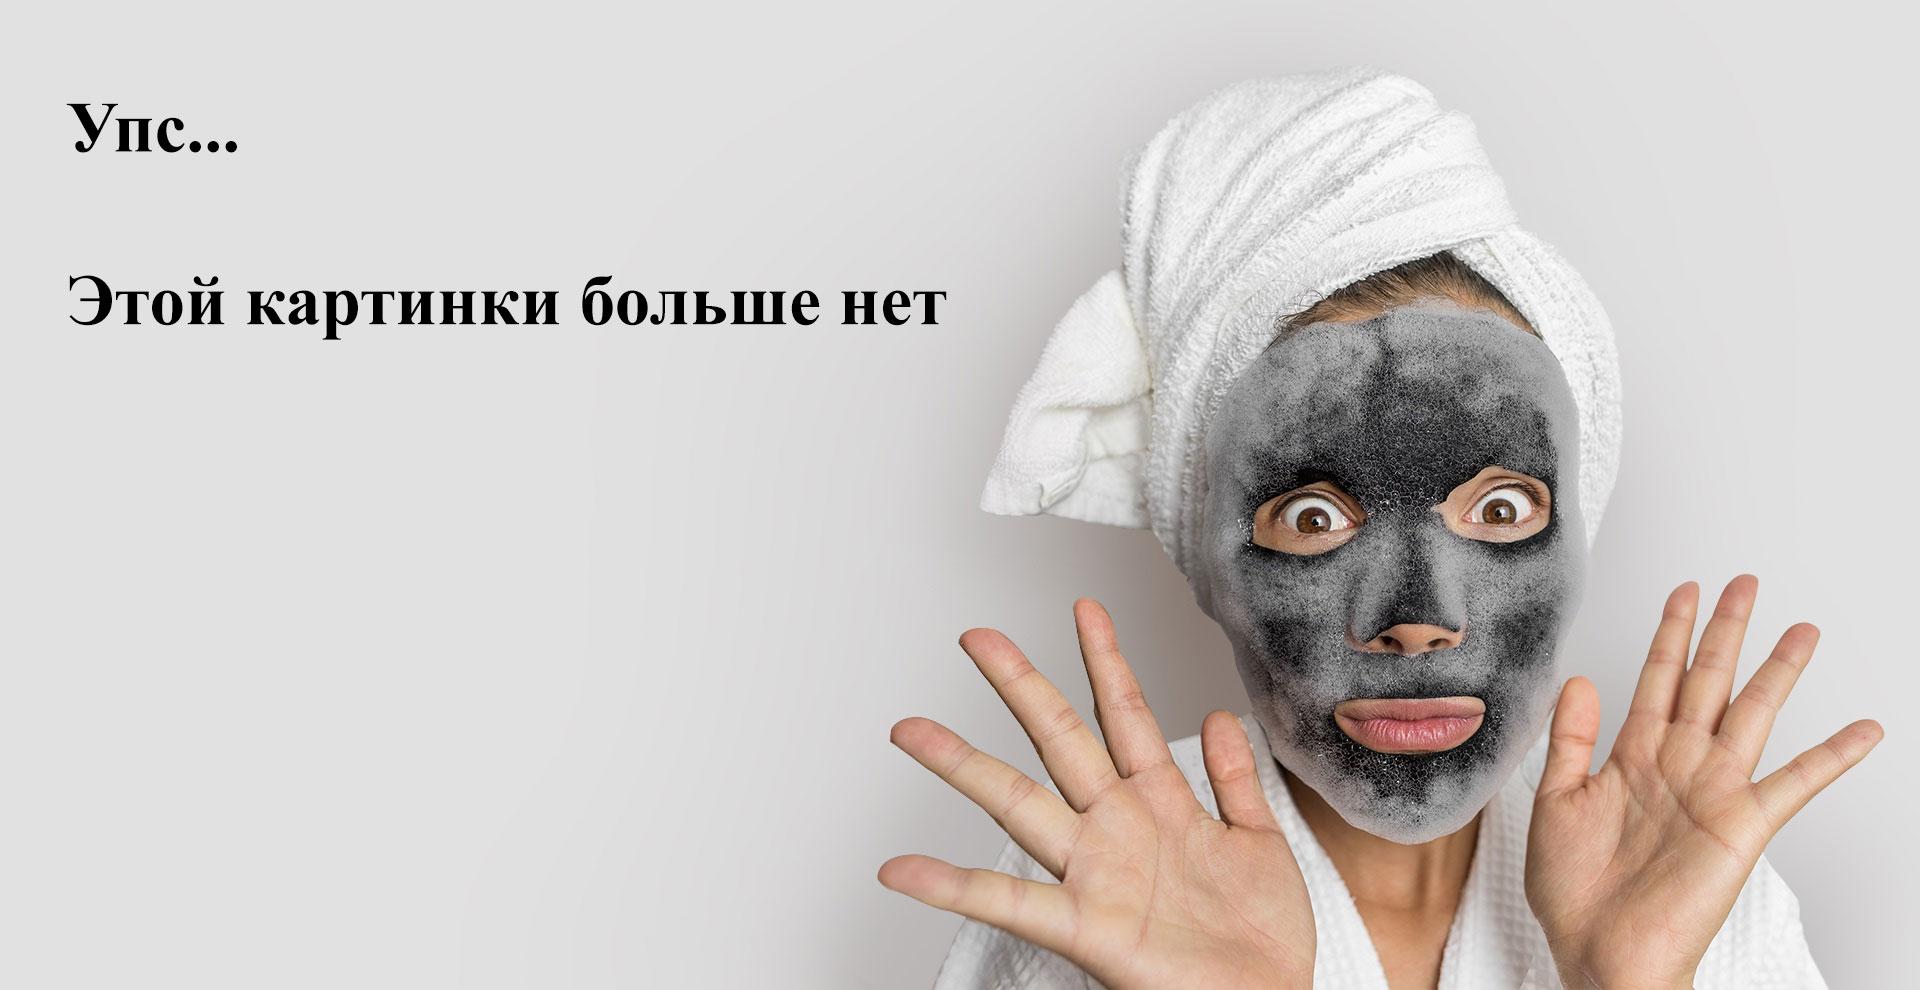 Depilflax, Эмульсия для приостановления роста волос, 250 мл